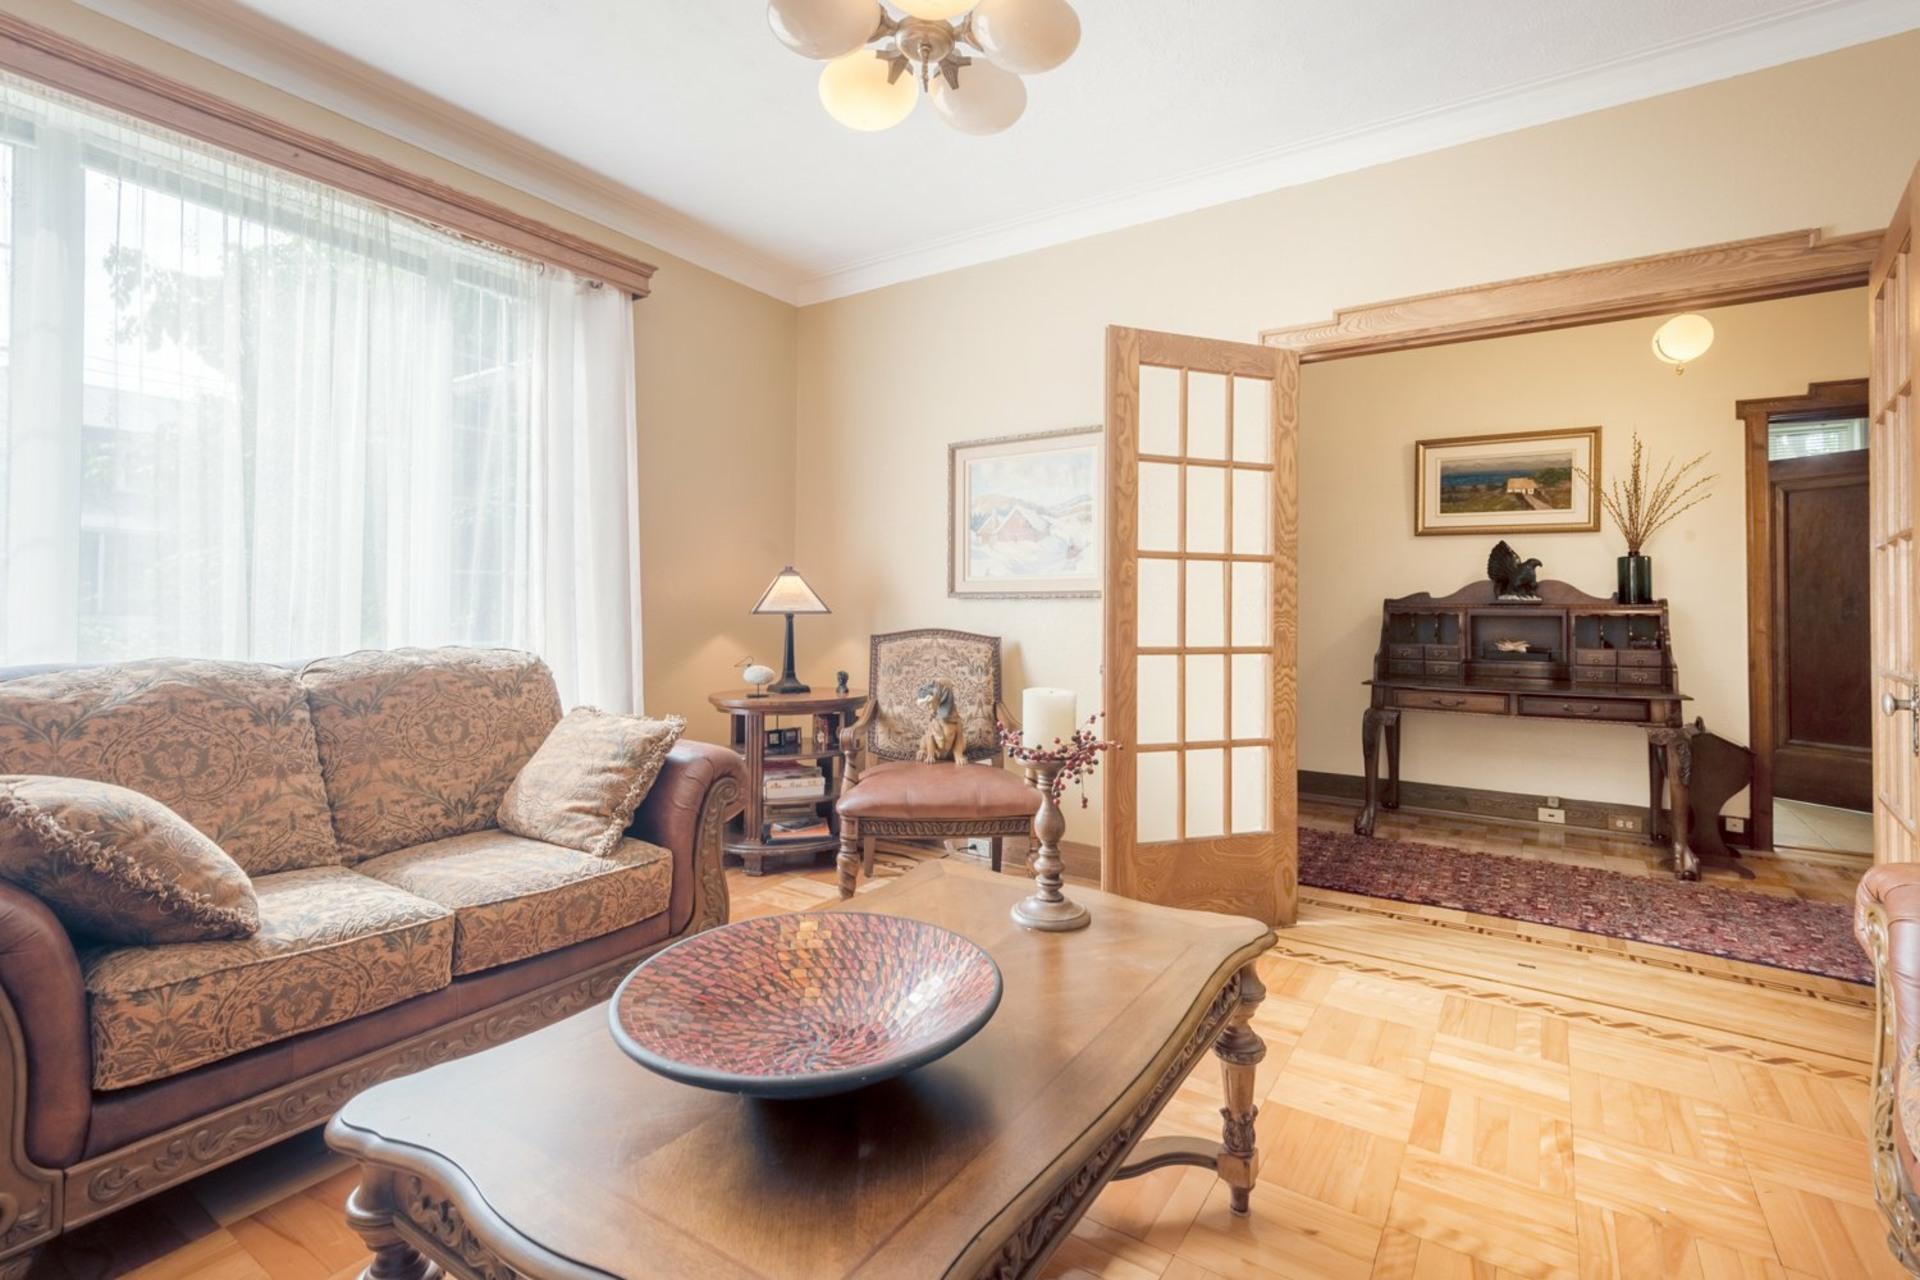 image 3 - Duplex For sale Sainte-Anne-de-Bellevue - 6 rooms